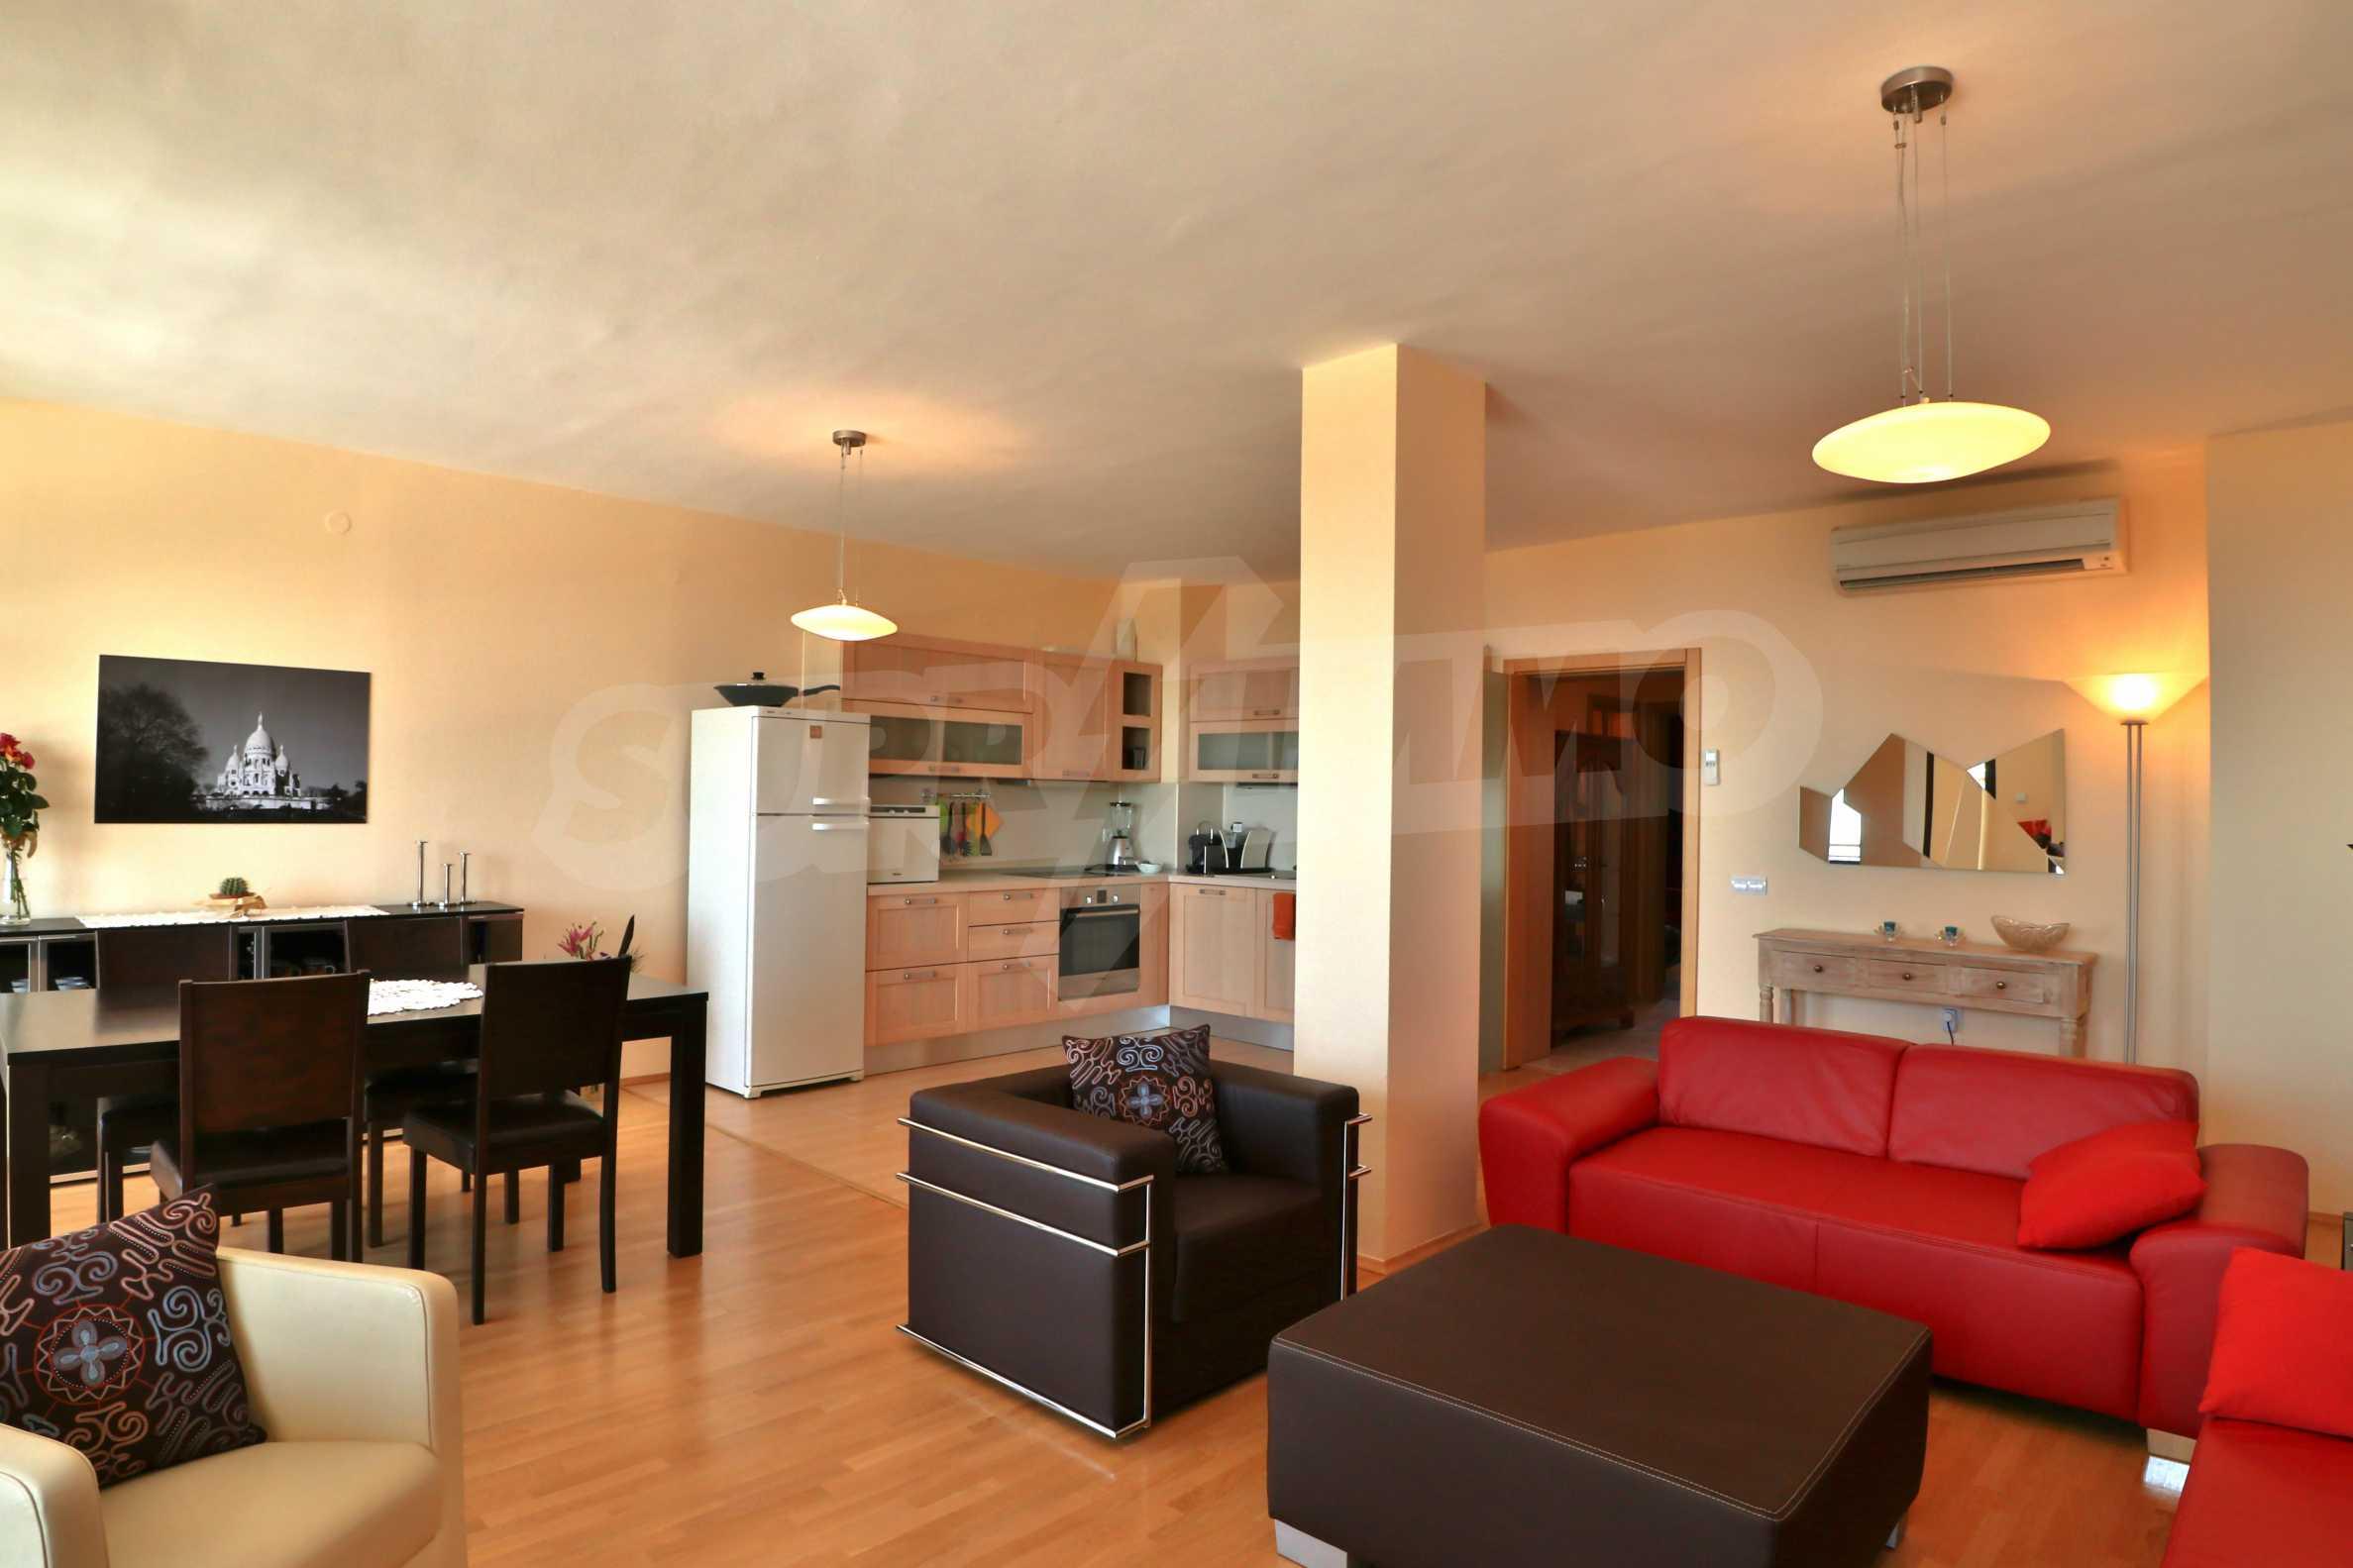 Модерен апартамент в местност Траката 27